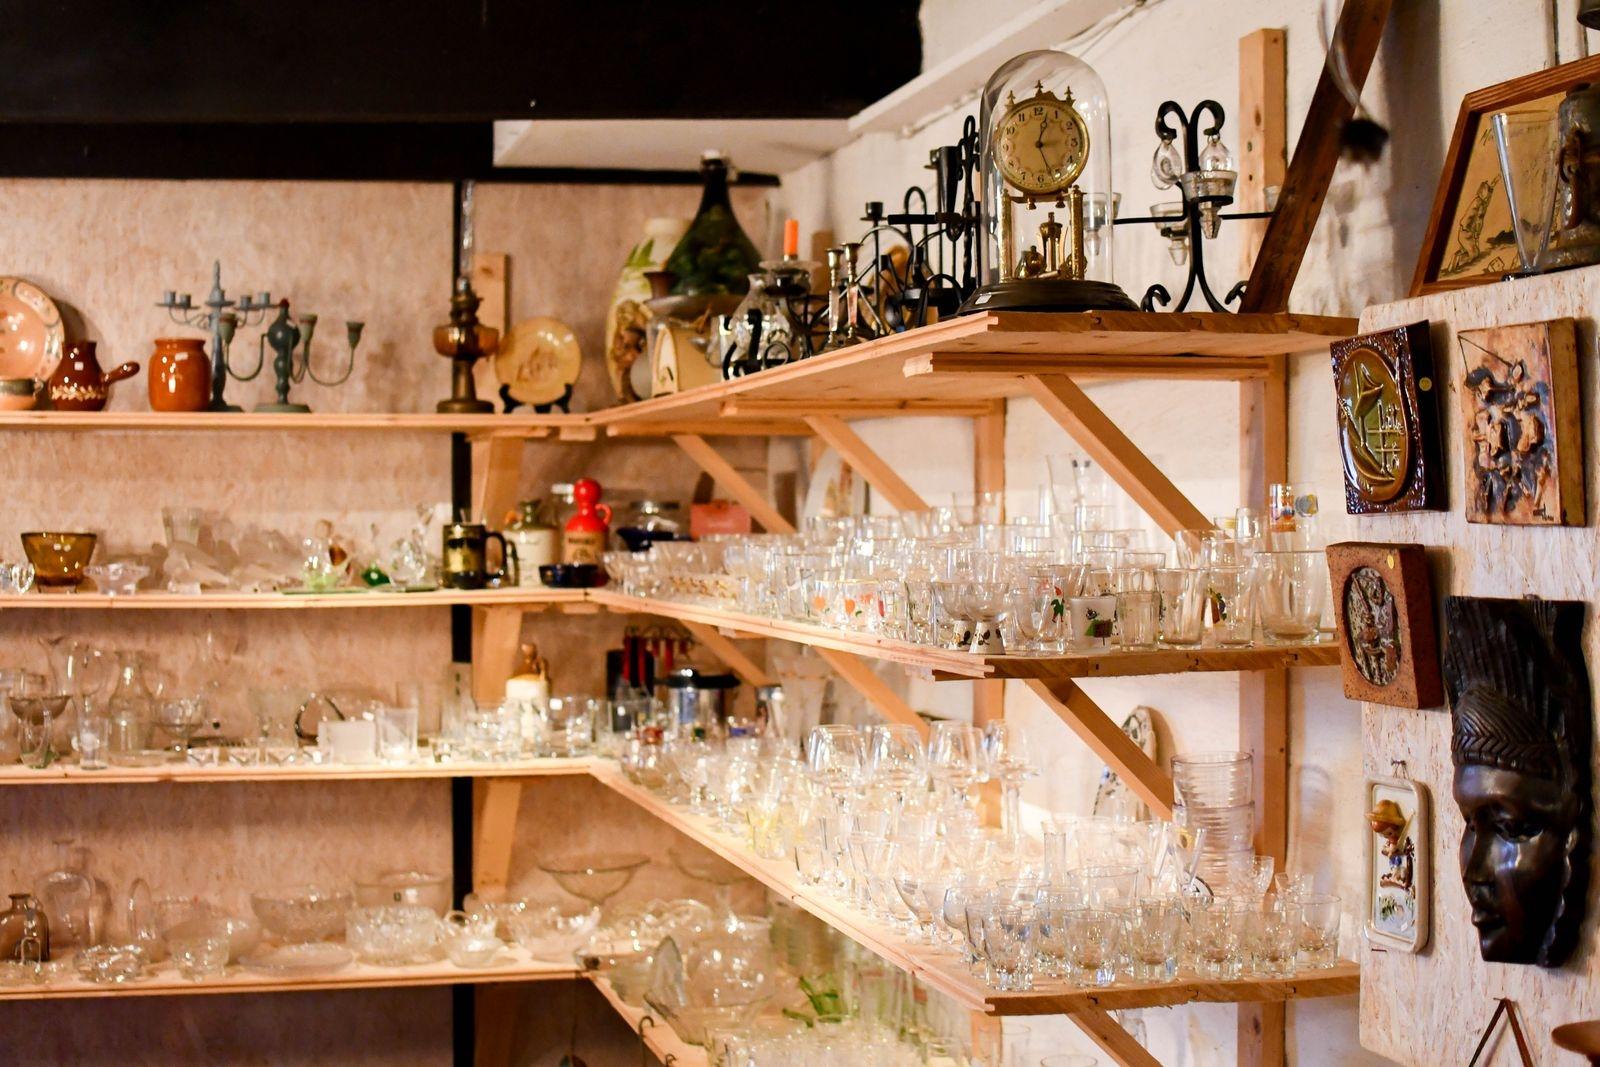 Lundins lada är belägen söder om väg 11 mellan Ö Tommarp och Gärsnäs. Här hittar kunderna allt från möbler till småprylar.